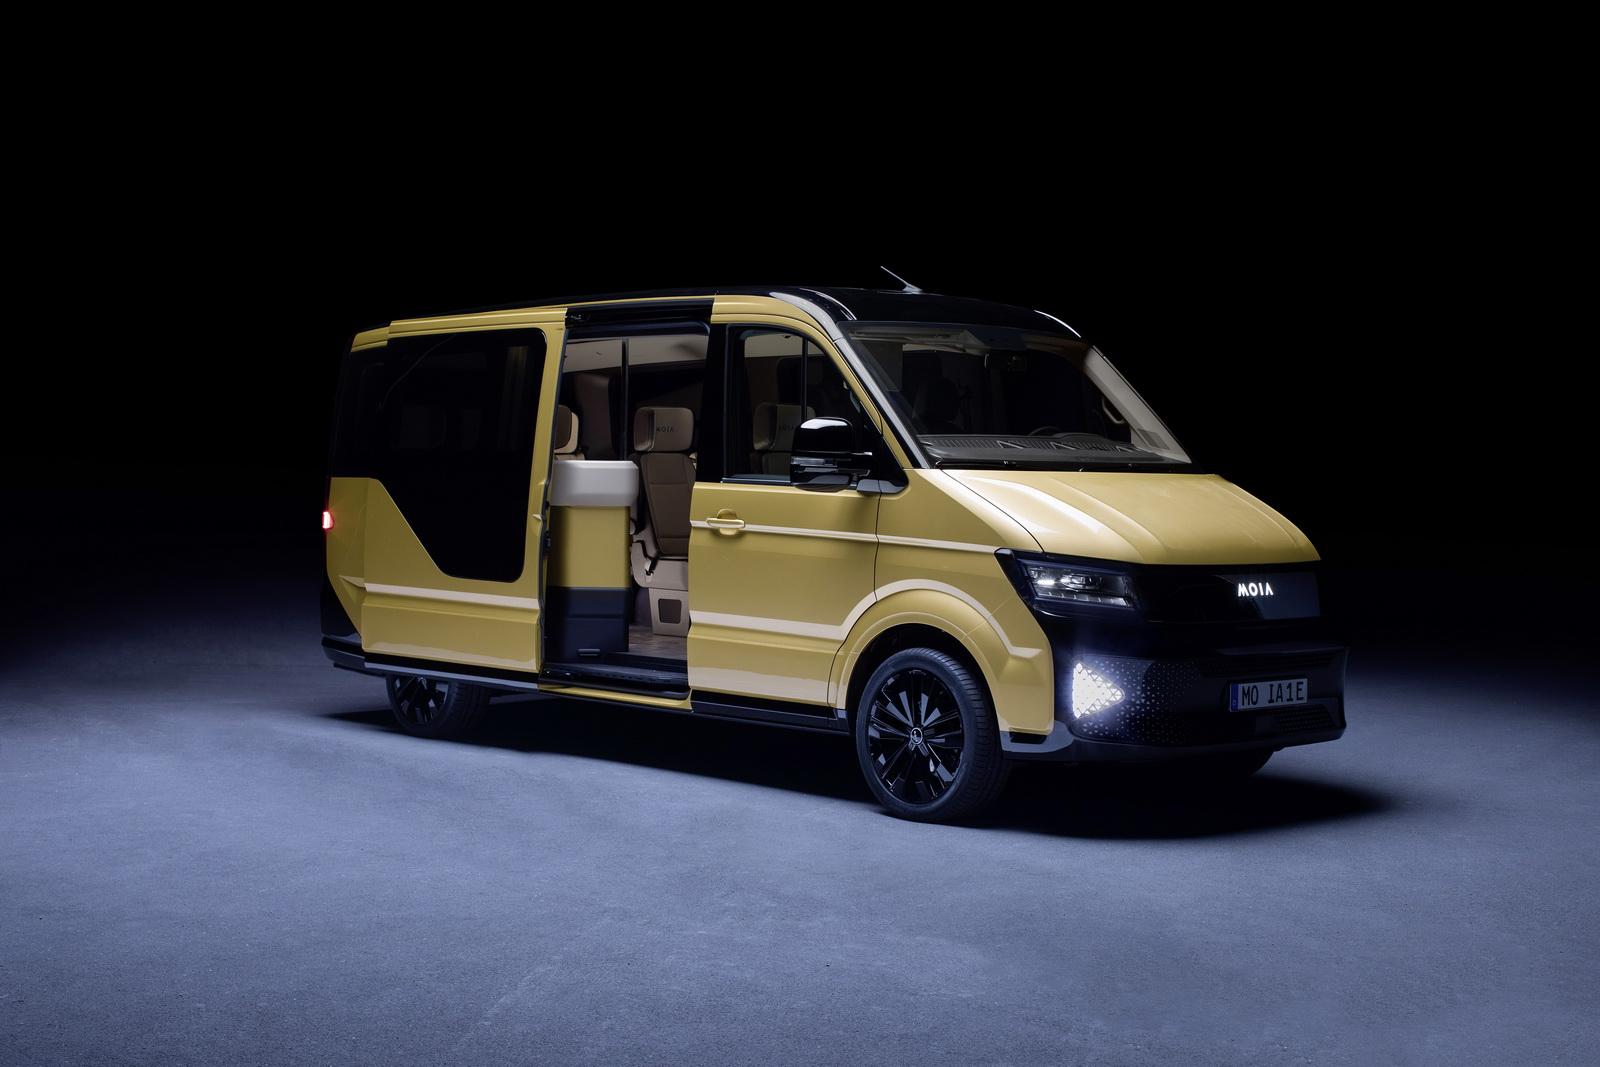 VW-Moia-Ride-Pooling-Van-01